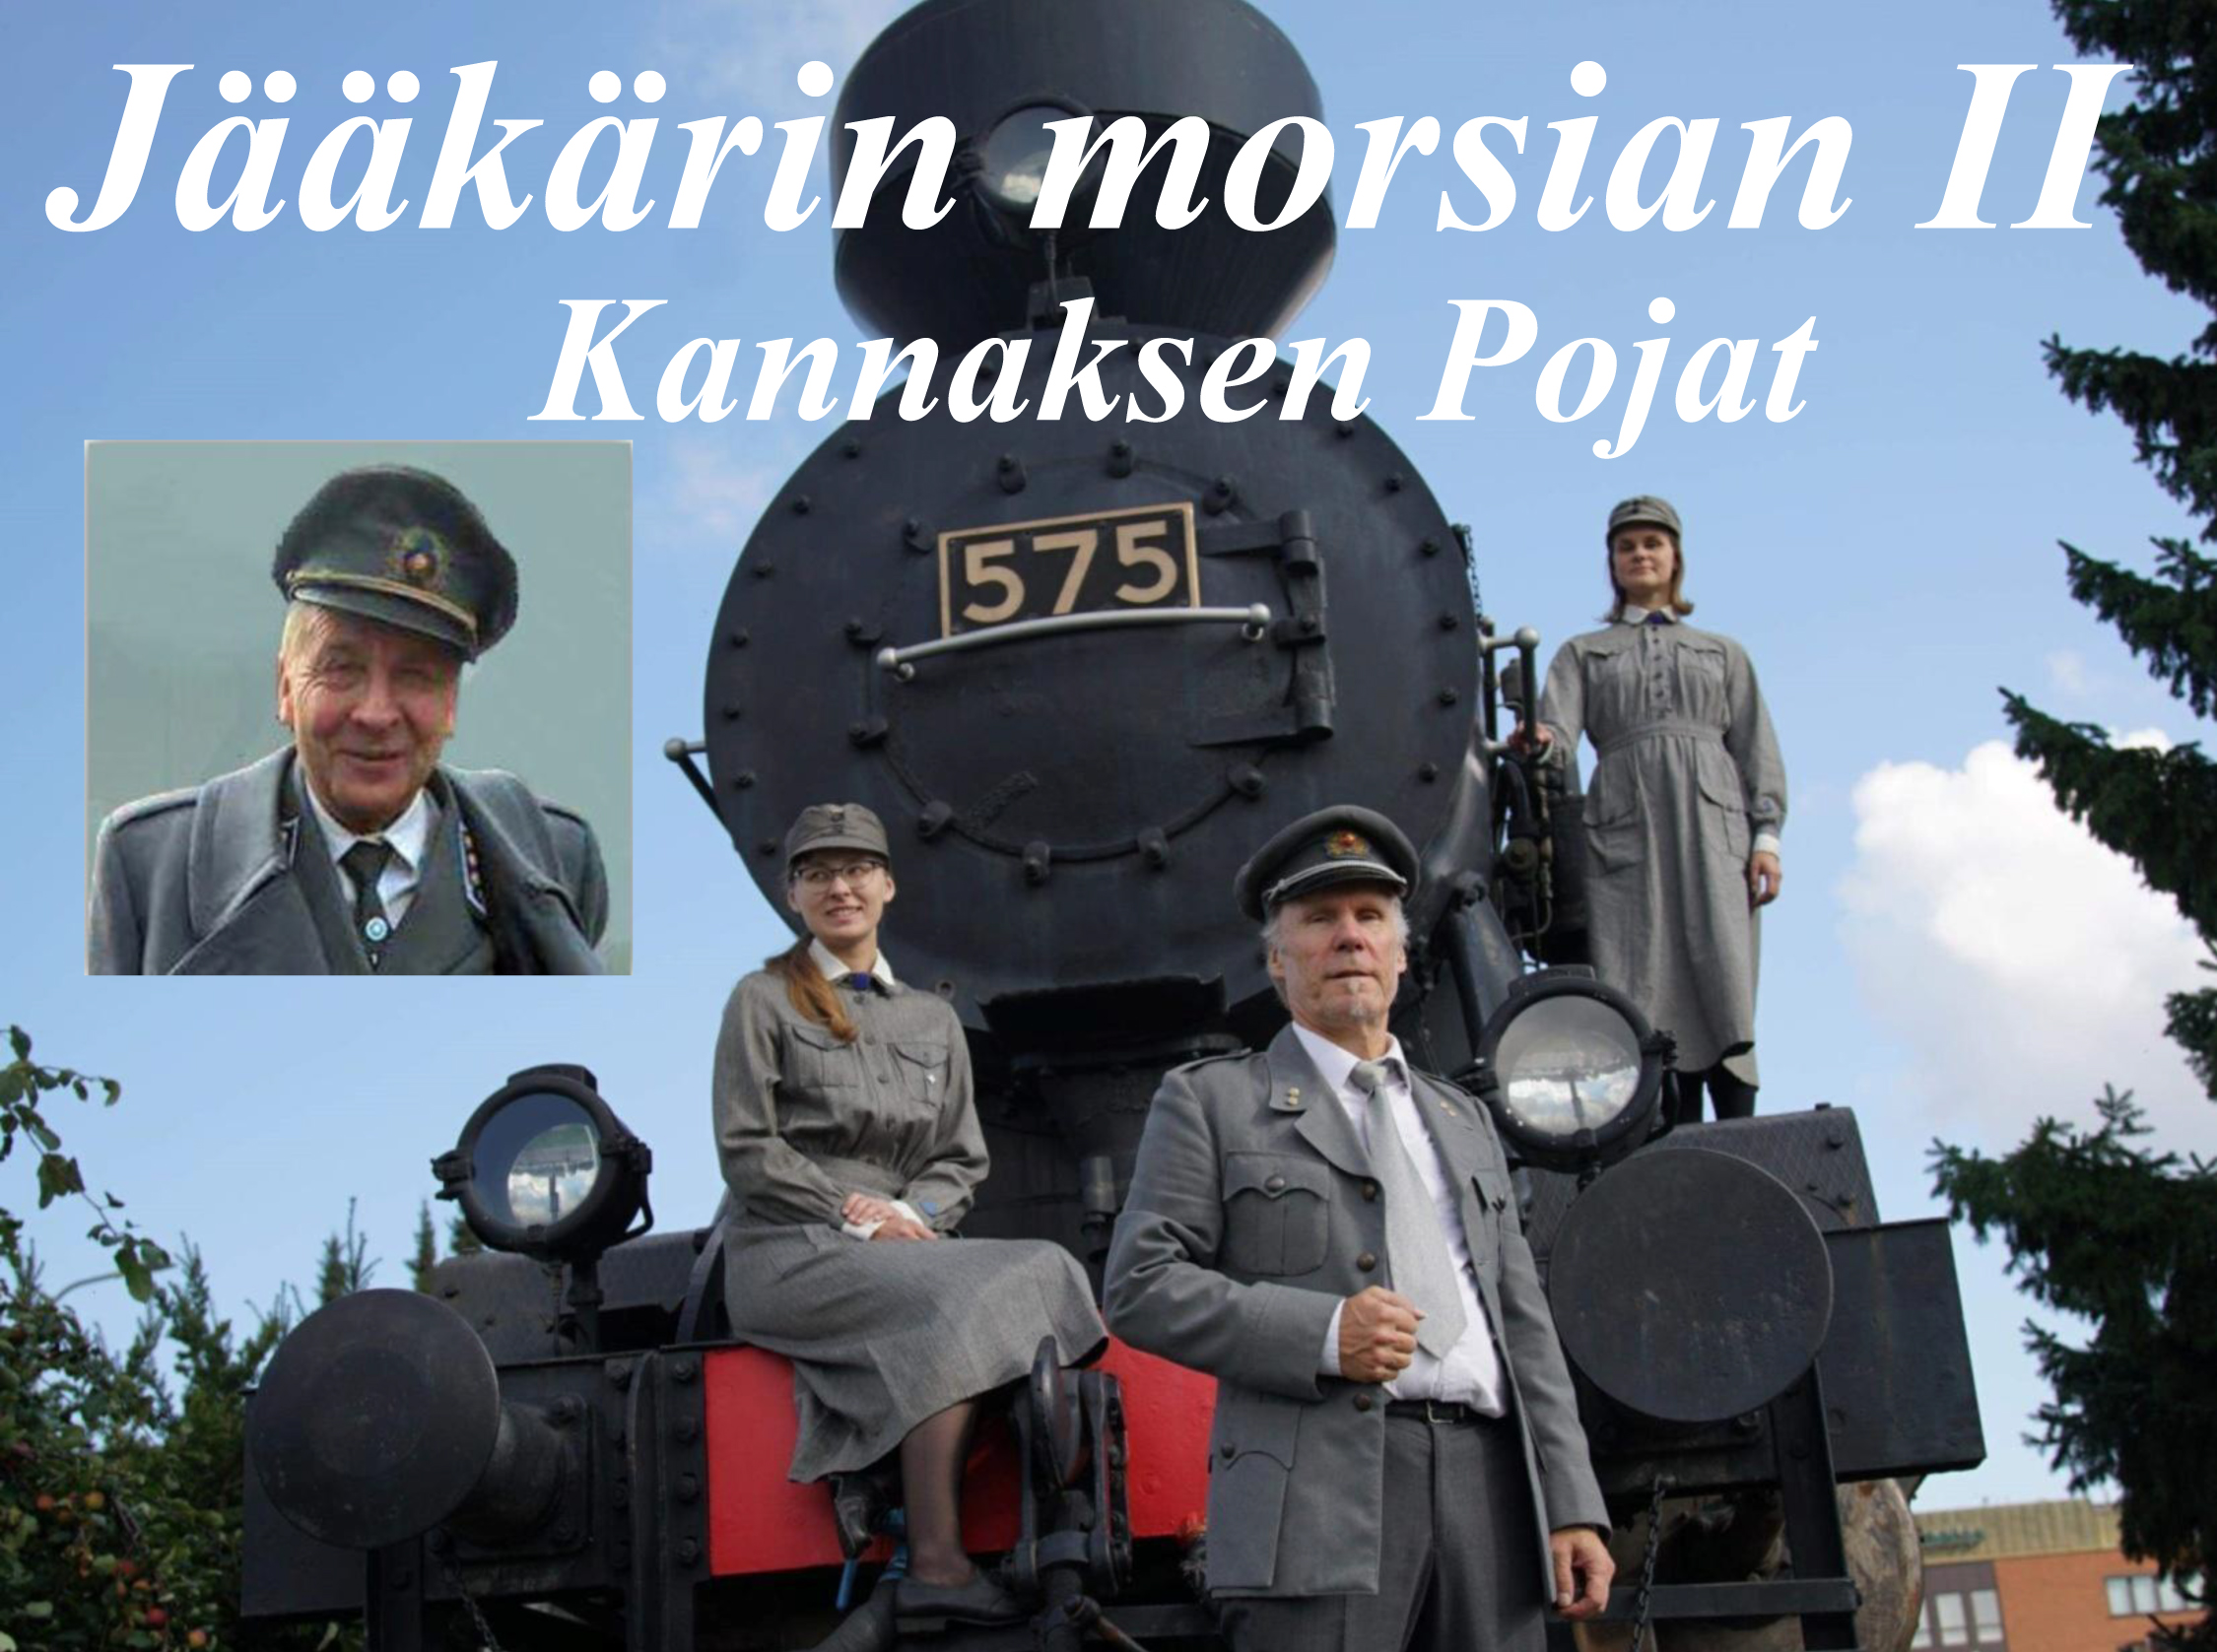 Kannaksen poikien muotoilema Sam Sihvon Jääkärin morsian Kangasala-talossa.